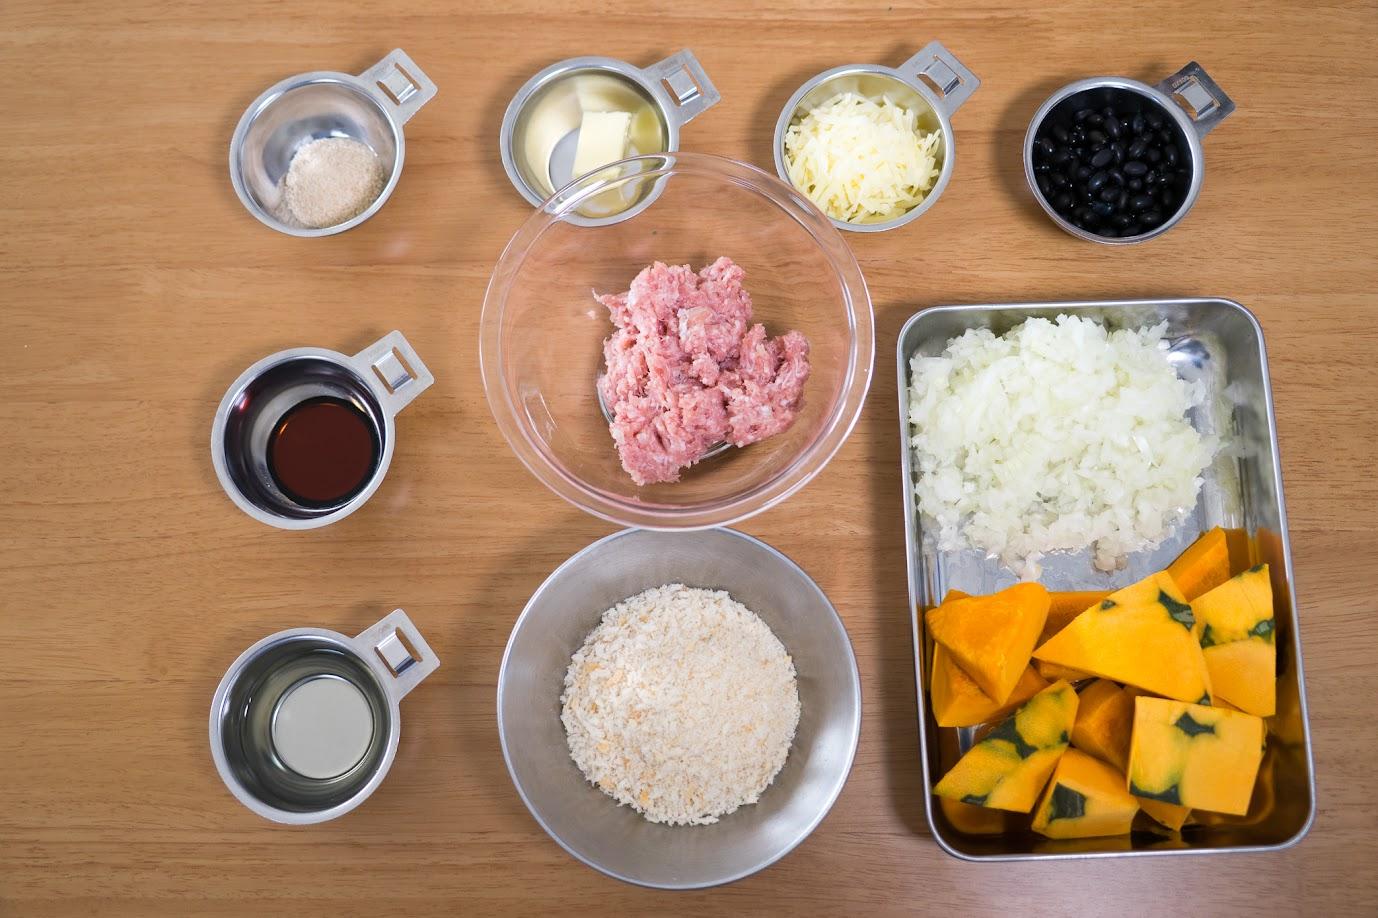 黒千石レシピ:黒千石大豆と南瓜のスコップコロッケ・材料